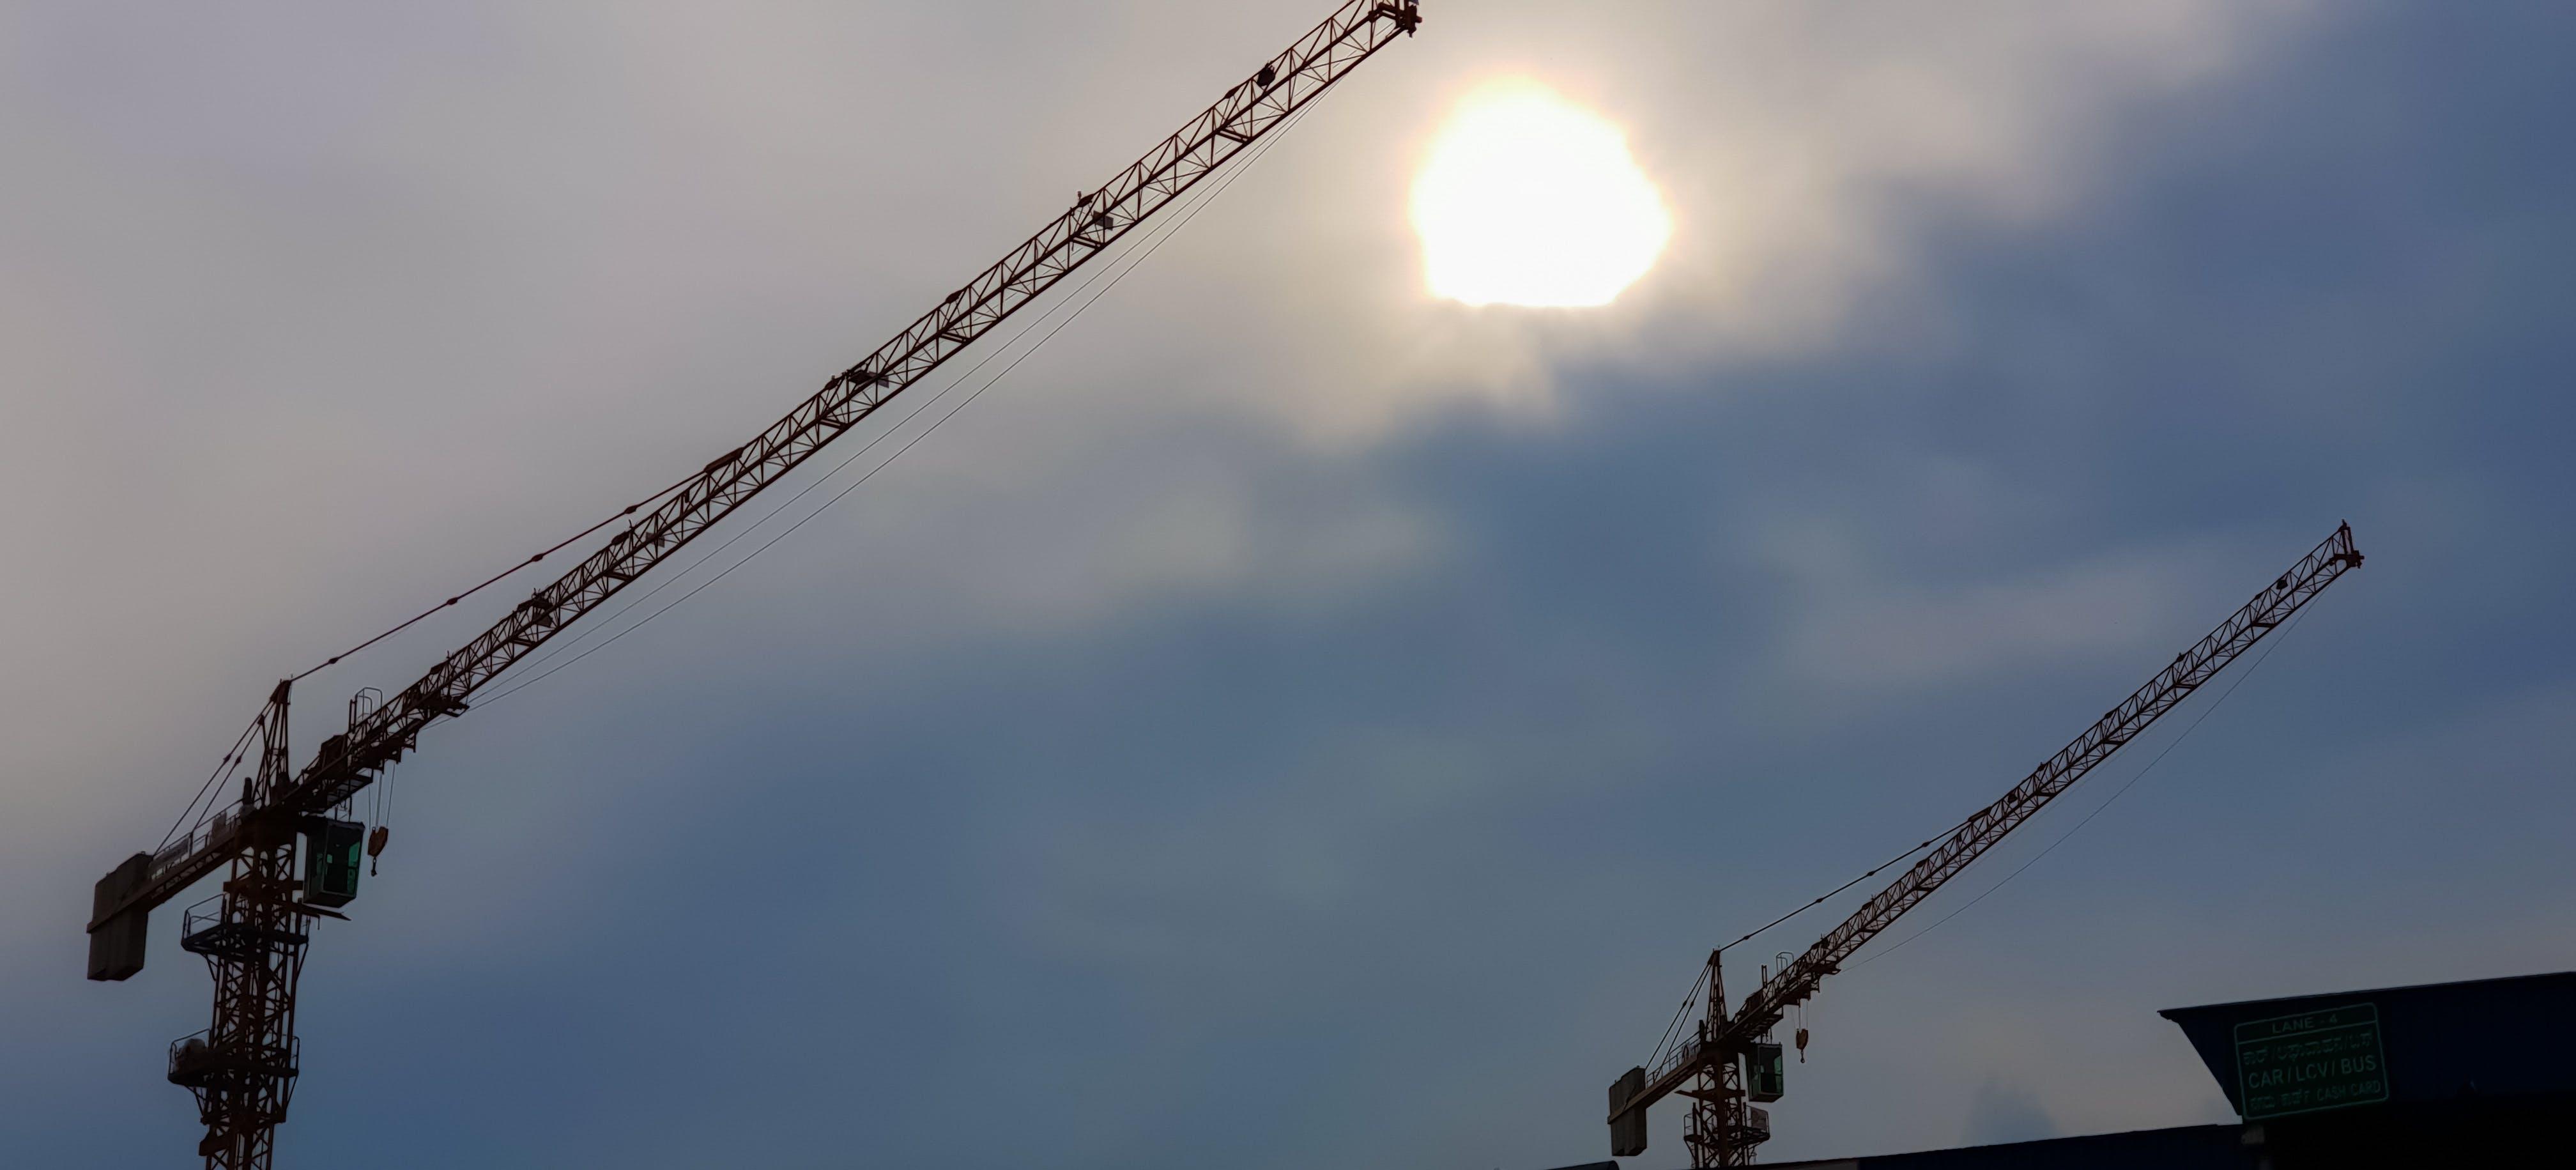 Gratis lagerfoto af aftensol, gylden sol, industriområde, sky